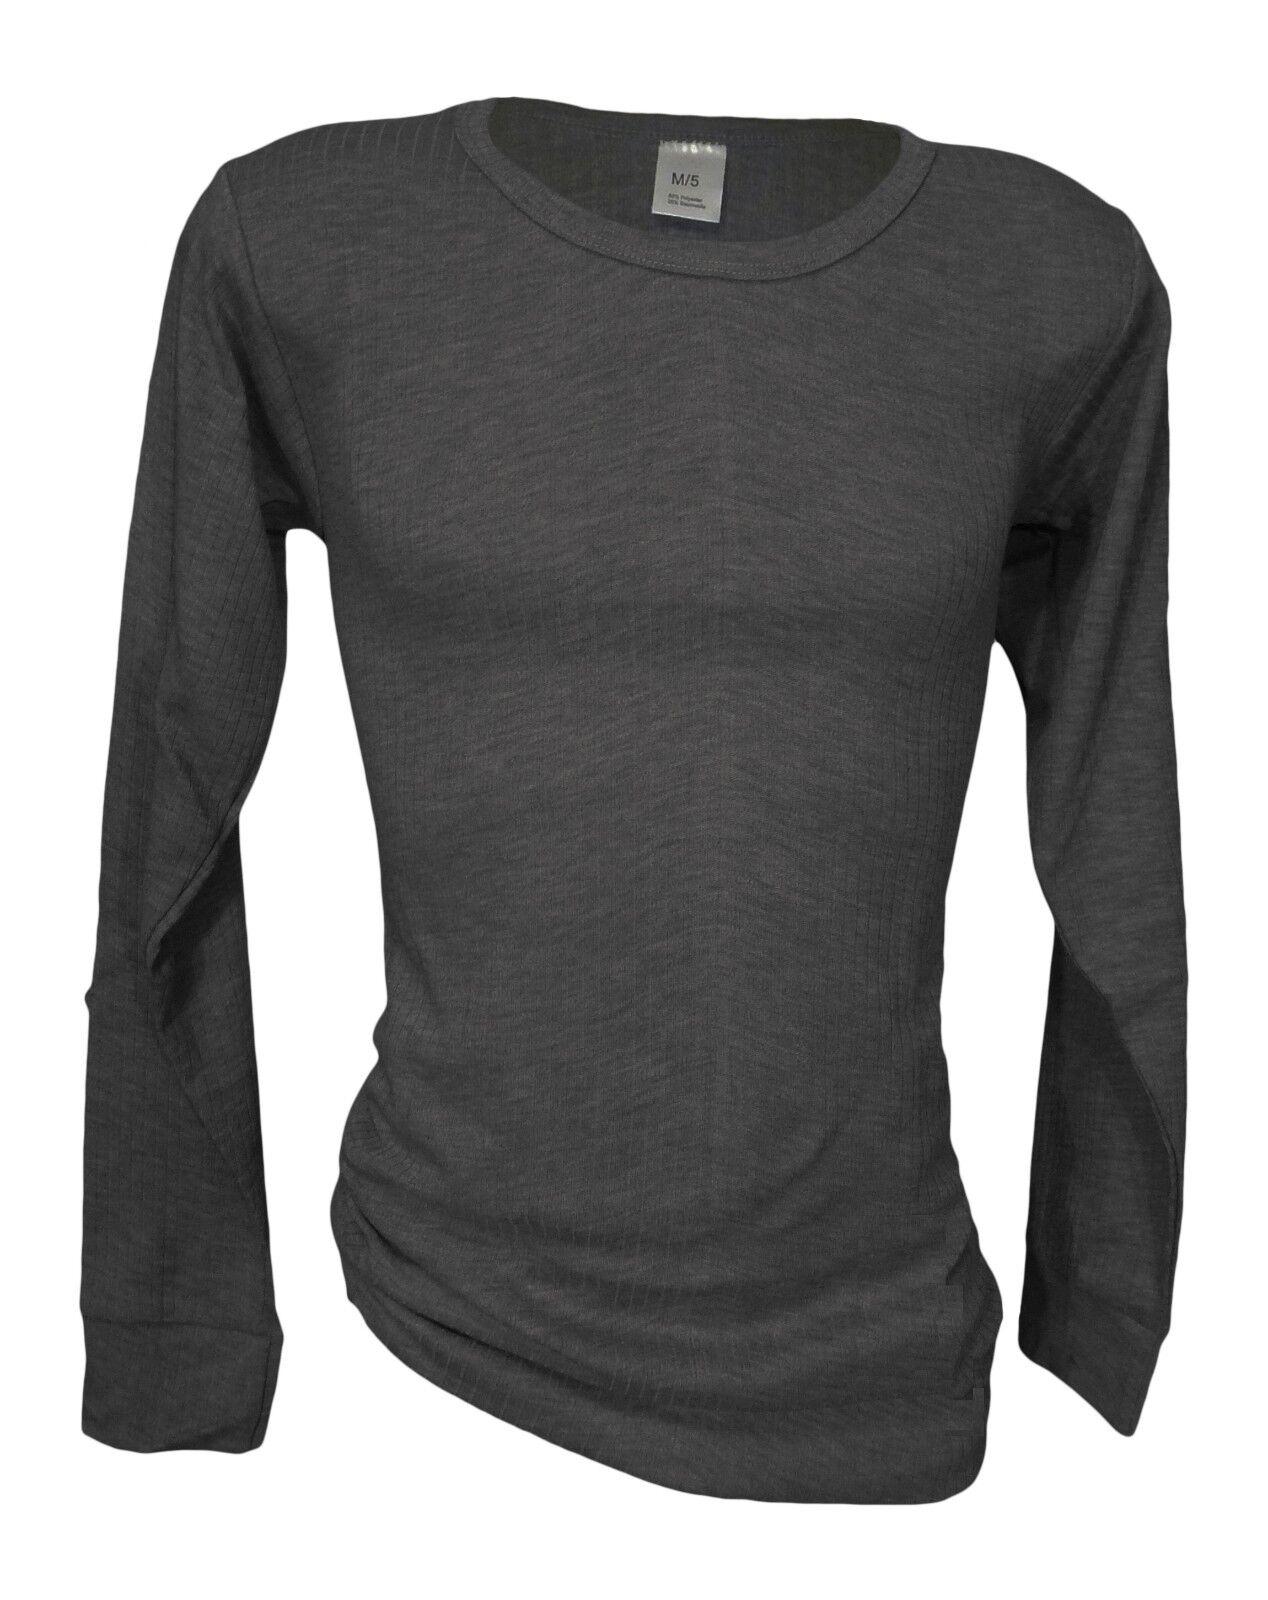 Wäsche warme Langarm Unterhemden für Damen 2er Pack Thermo-Unterhemden Ski